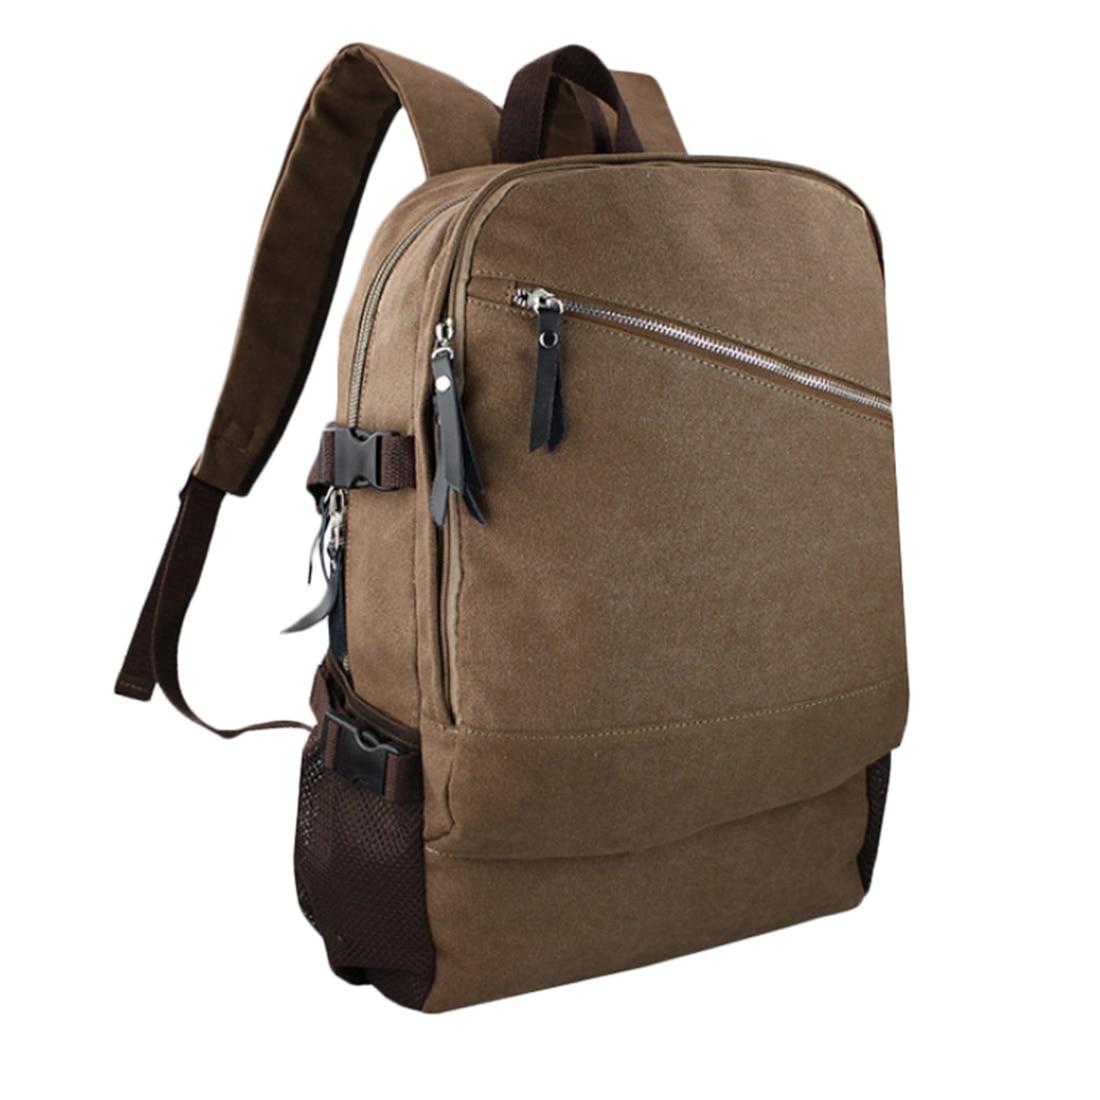 New Trending Male Backpack Simple Design Leisure Canvas Shoulder Bag Large Laptop Bag Schoolbag Mans Shoulder Bag- Khaki<br>